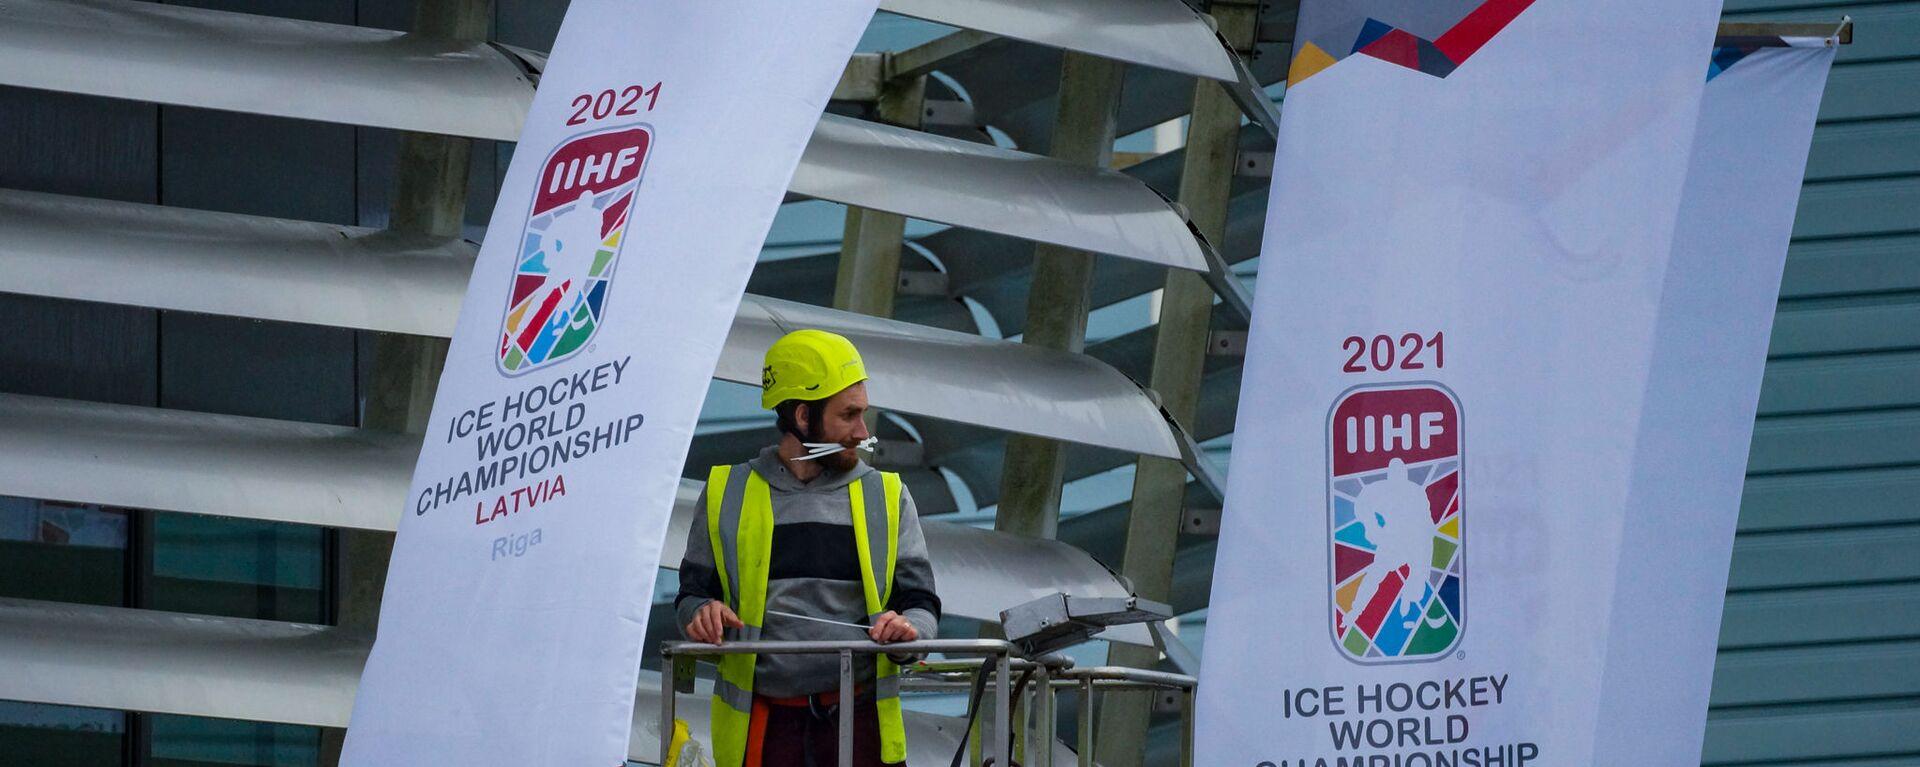 Рабочий вешает флаги с эмблемой Чемпионата мира - 2021 по хоккею в Риге - Sputnik Латвия, 1920, 18.05.2021